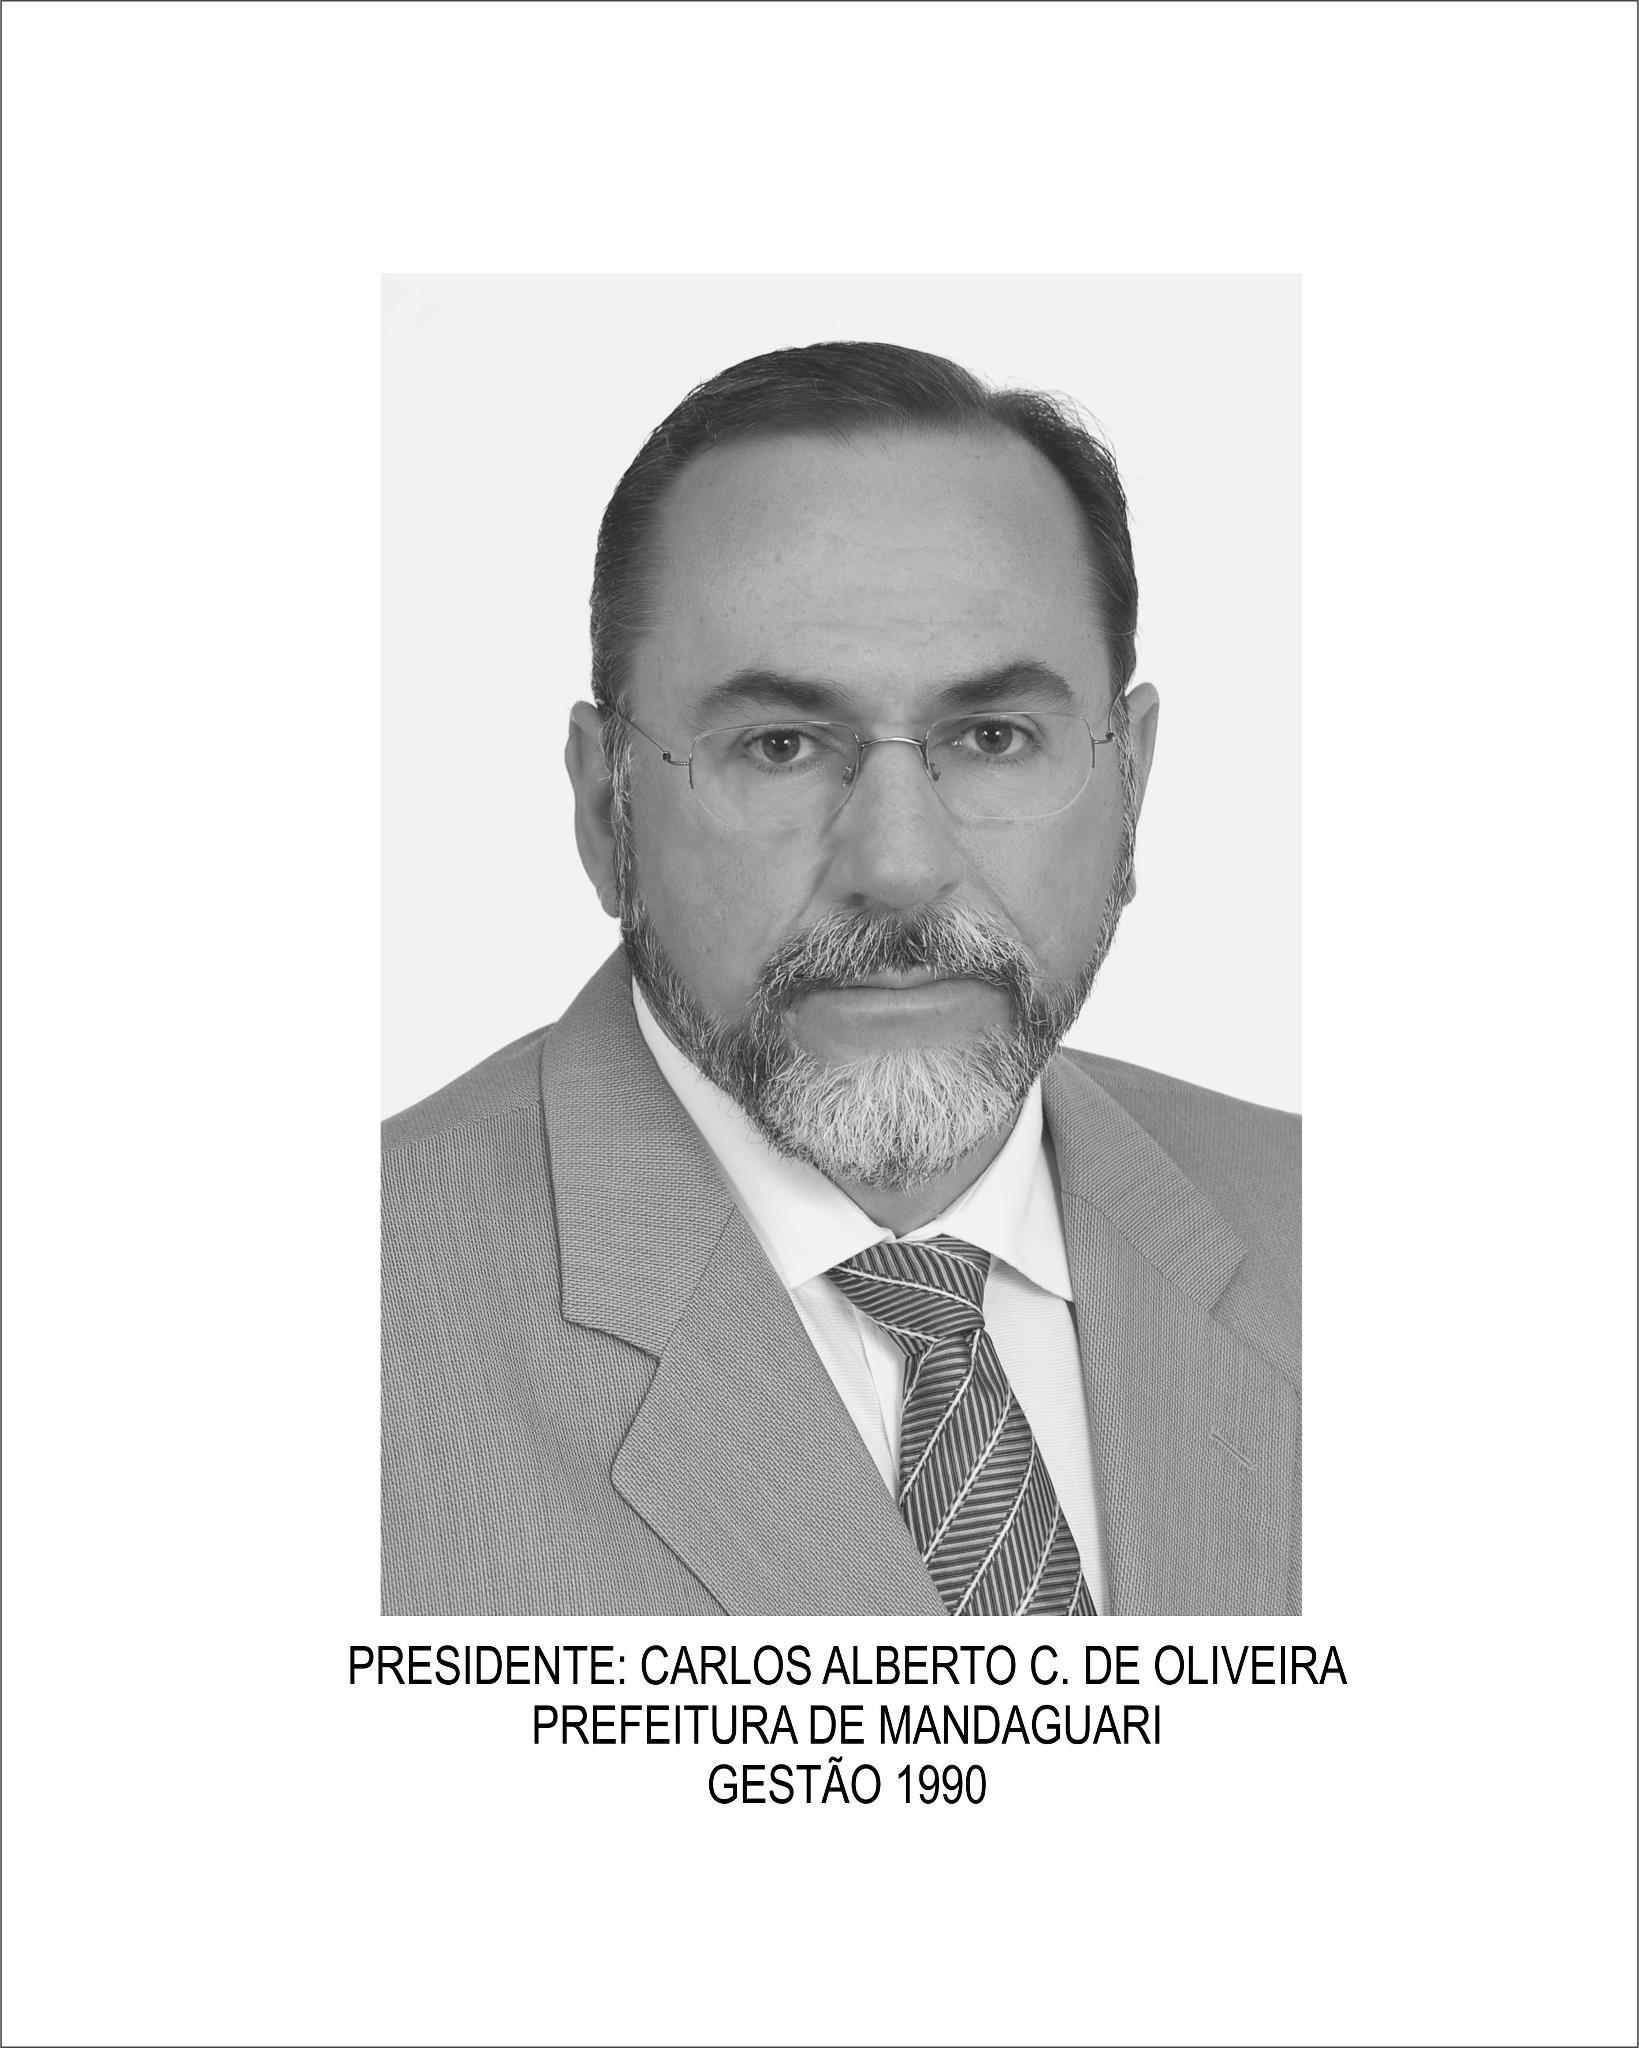 Carlos Alberto Campos de Oliveira